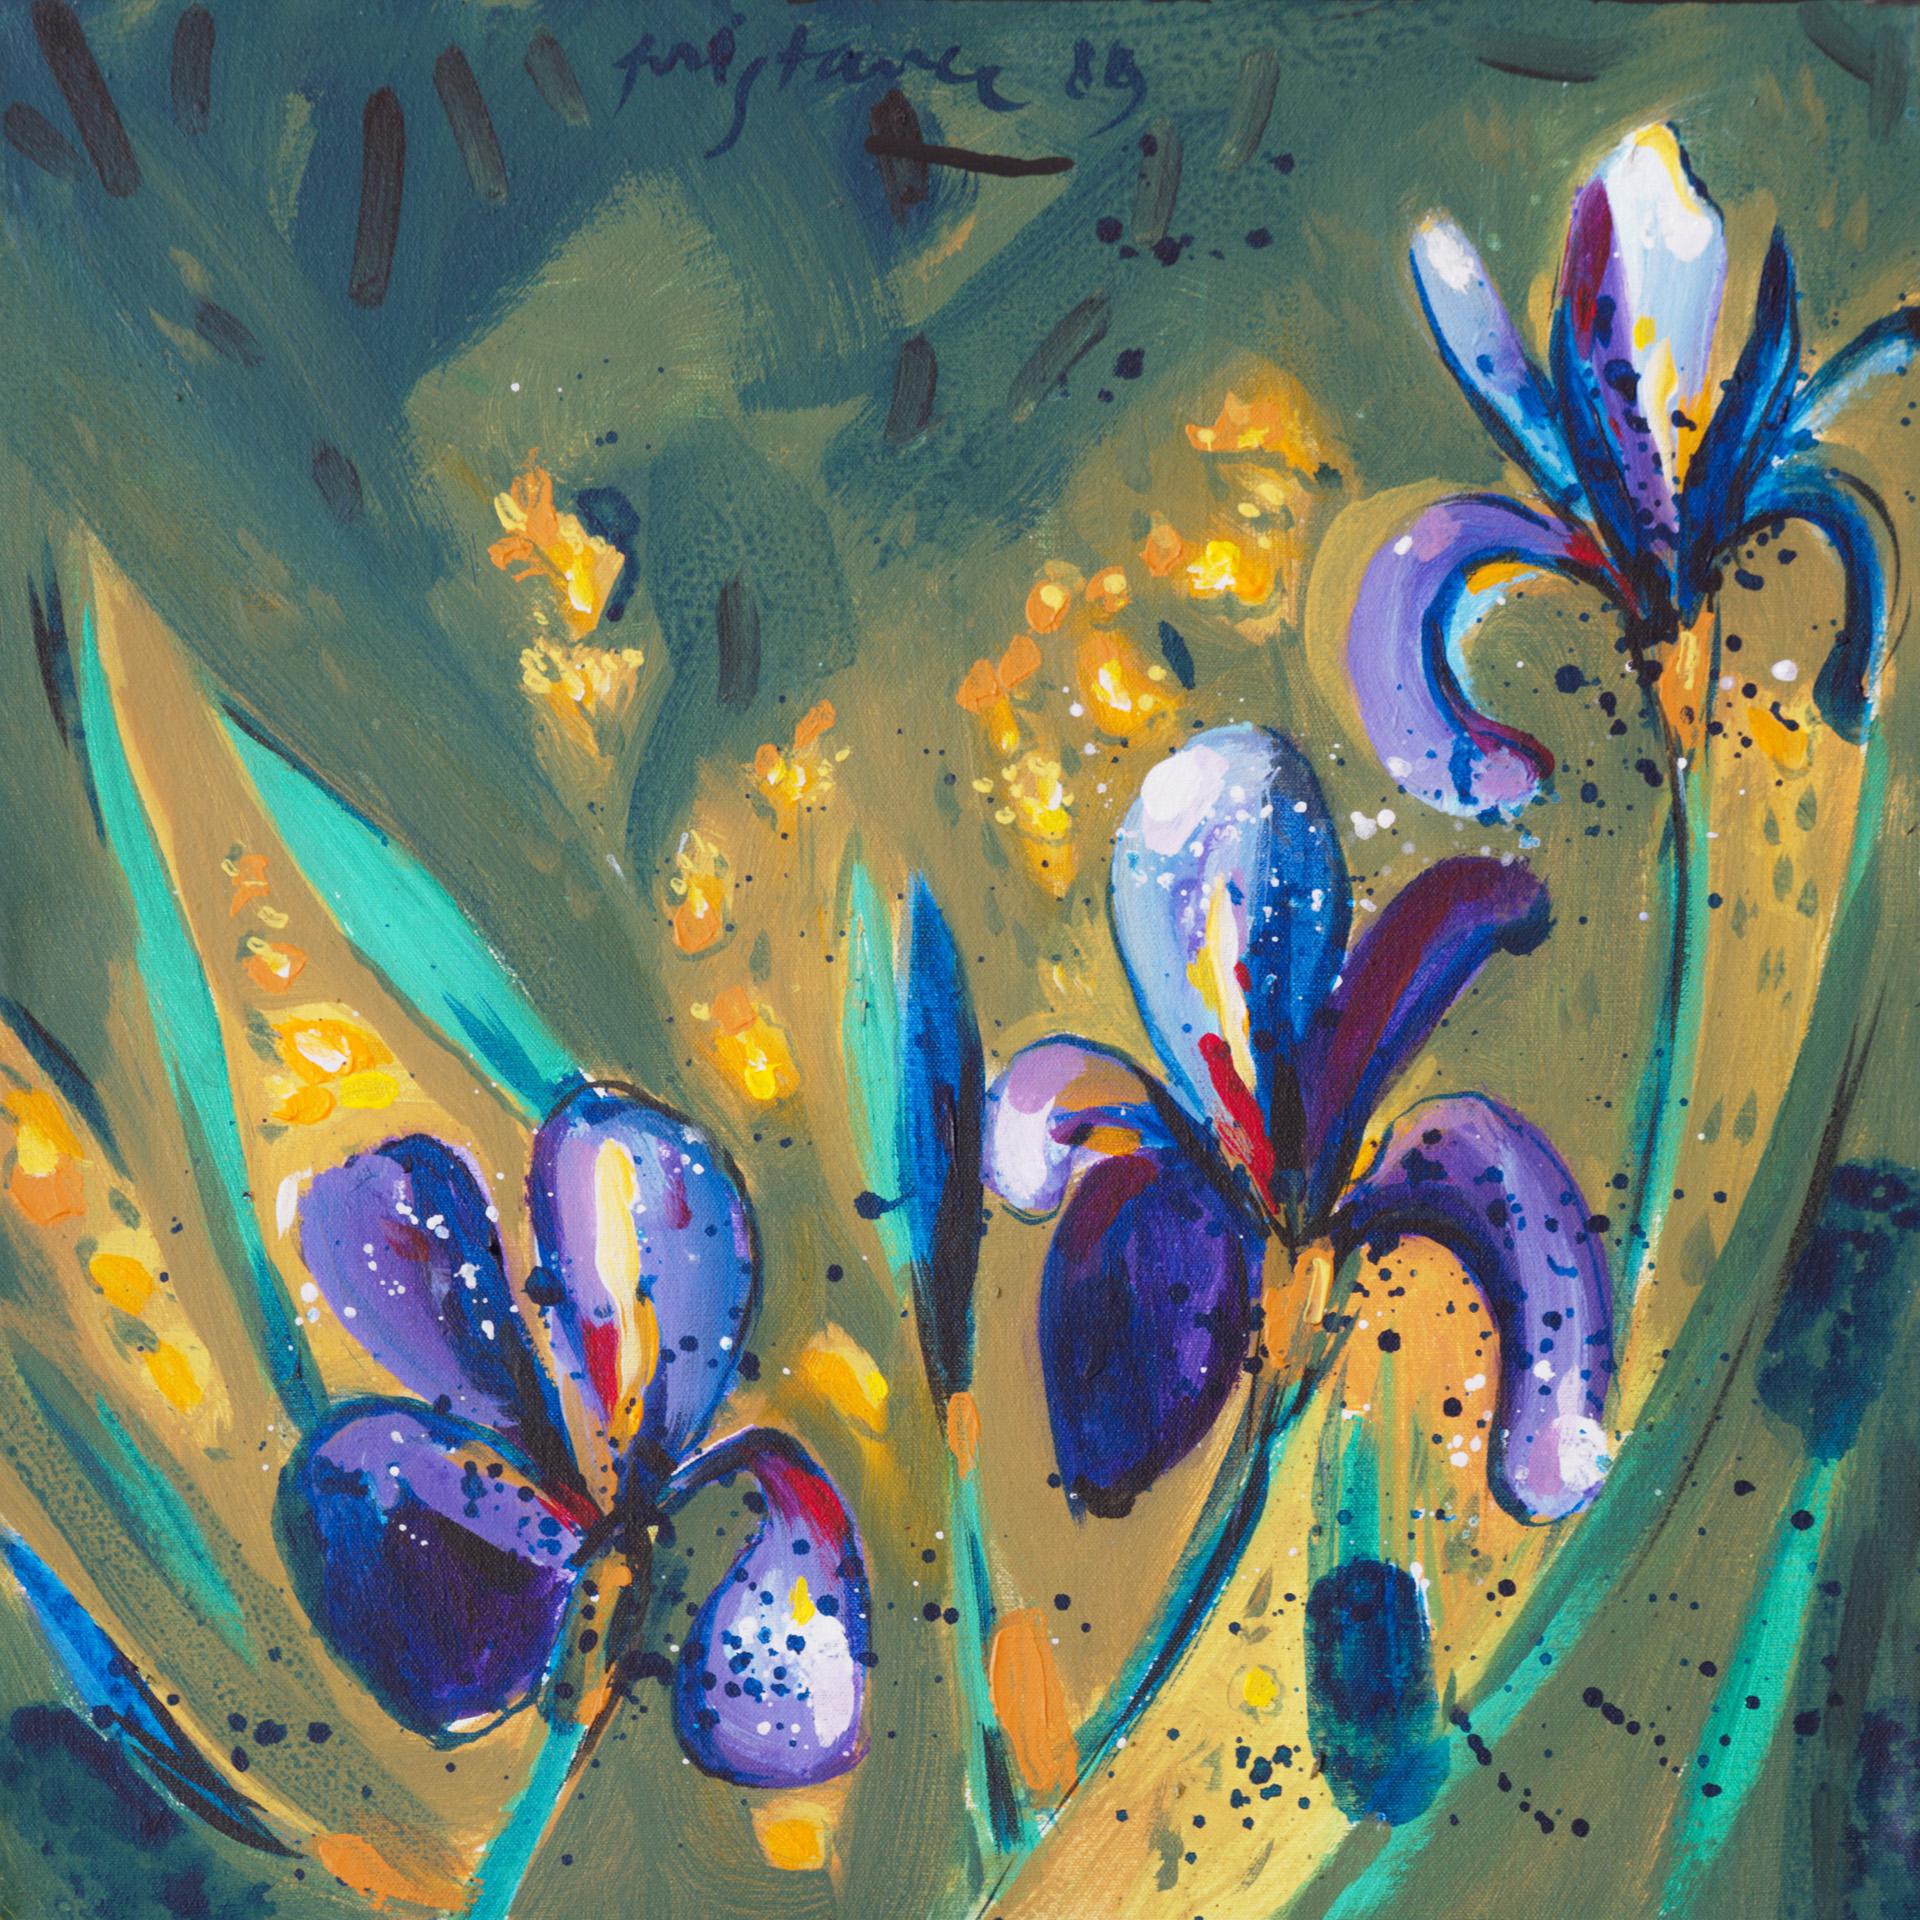 Still Life V / 1989 / oil on canvas / 39x39 cm